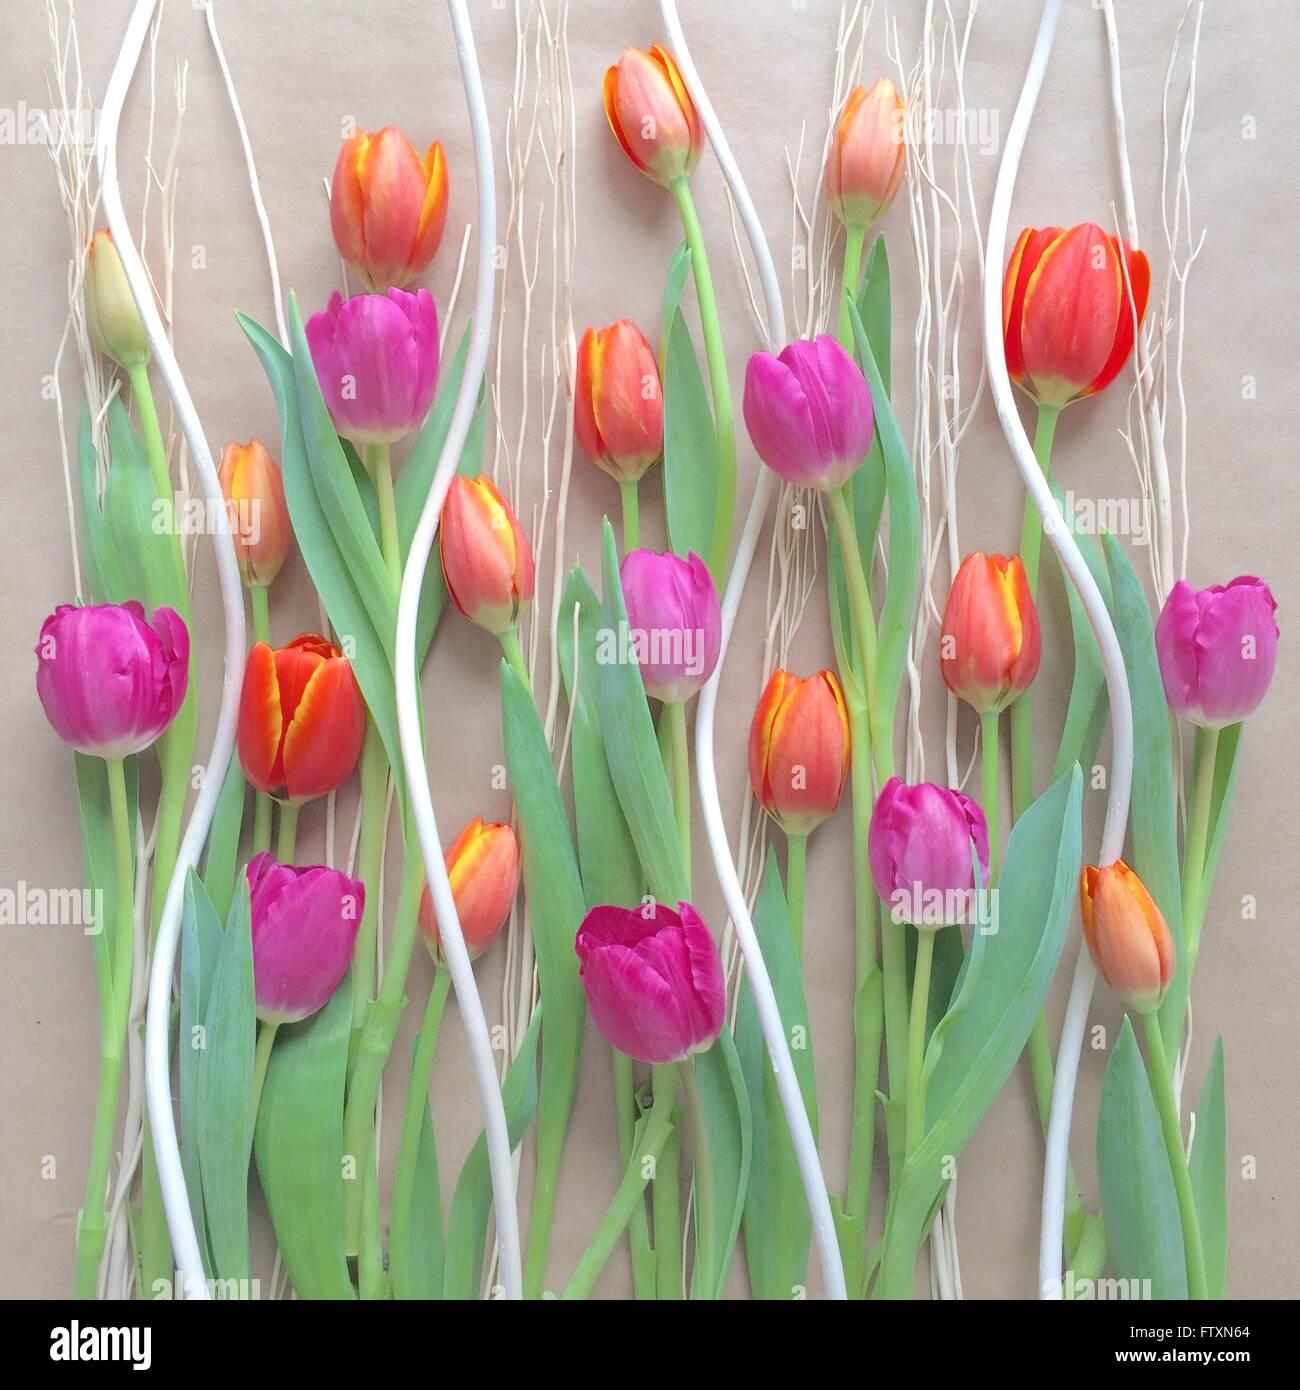 Décoration de tulipes colorées Photo Stock